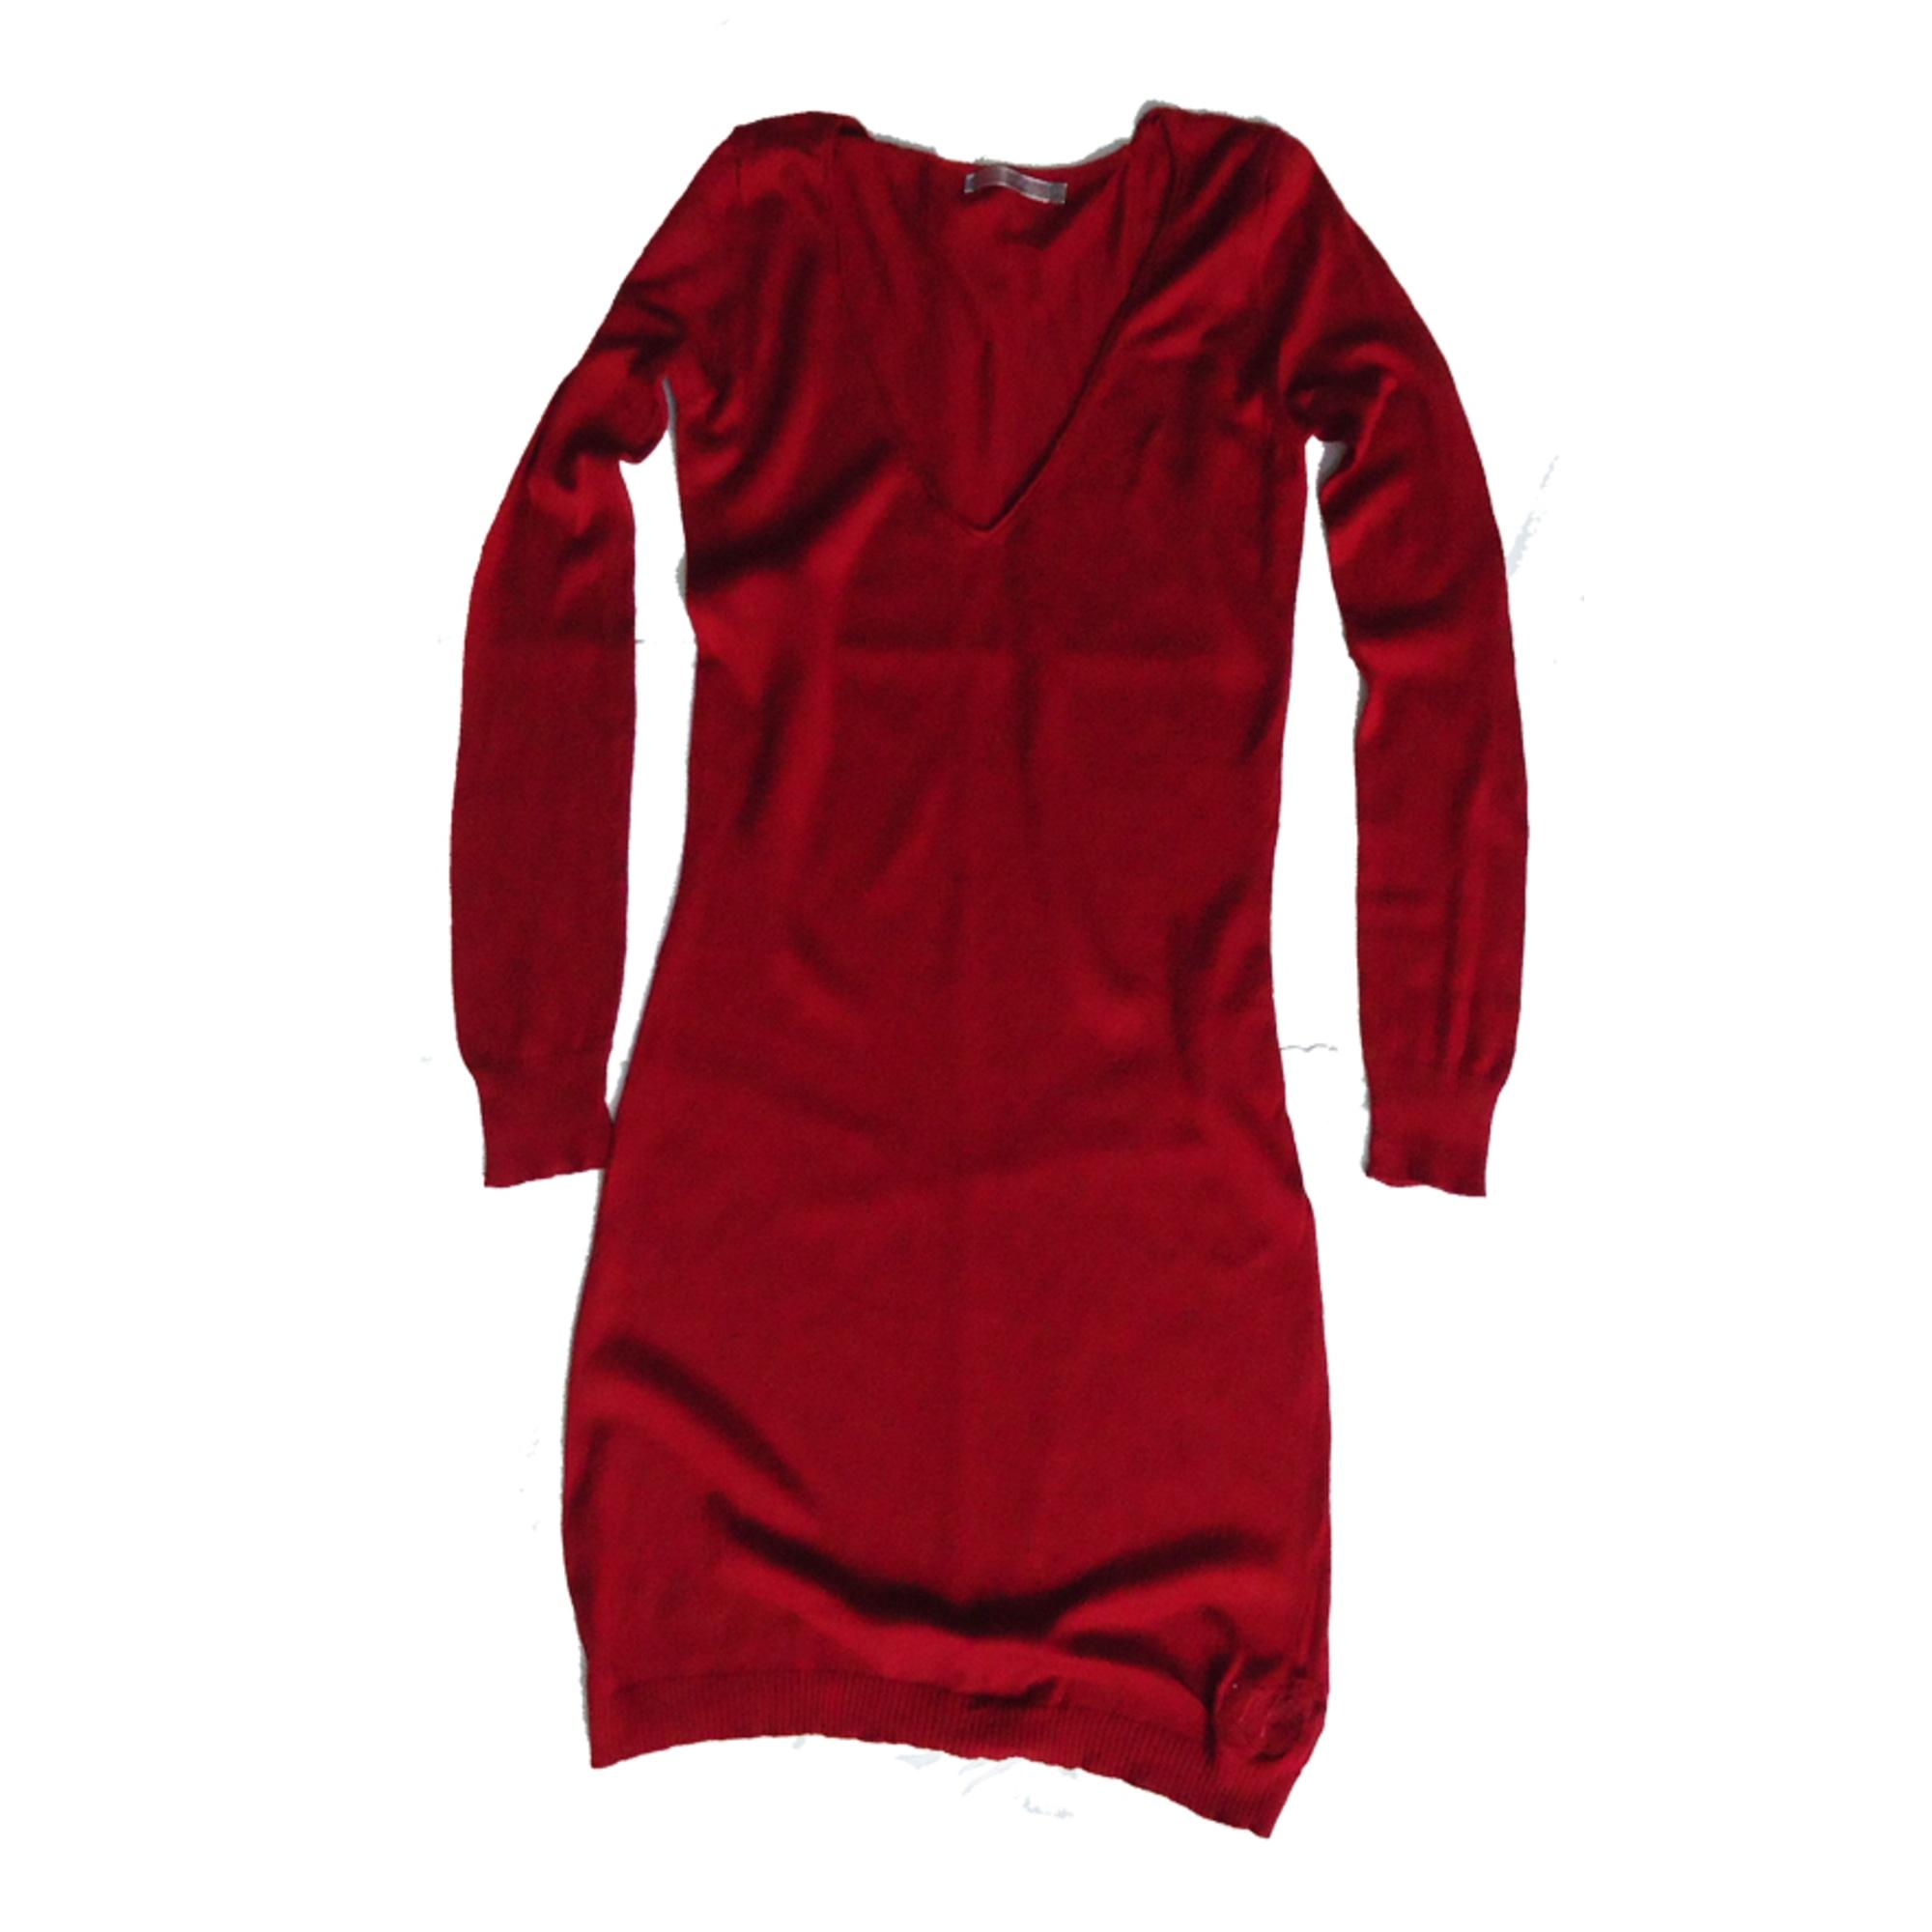 dessin de mode vente chaude jolie et colorée Robe pull